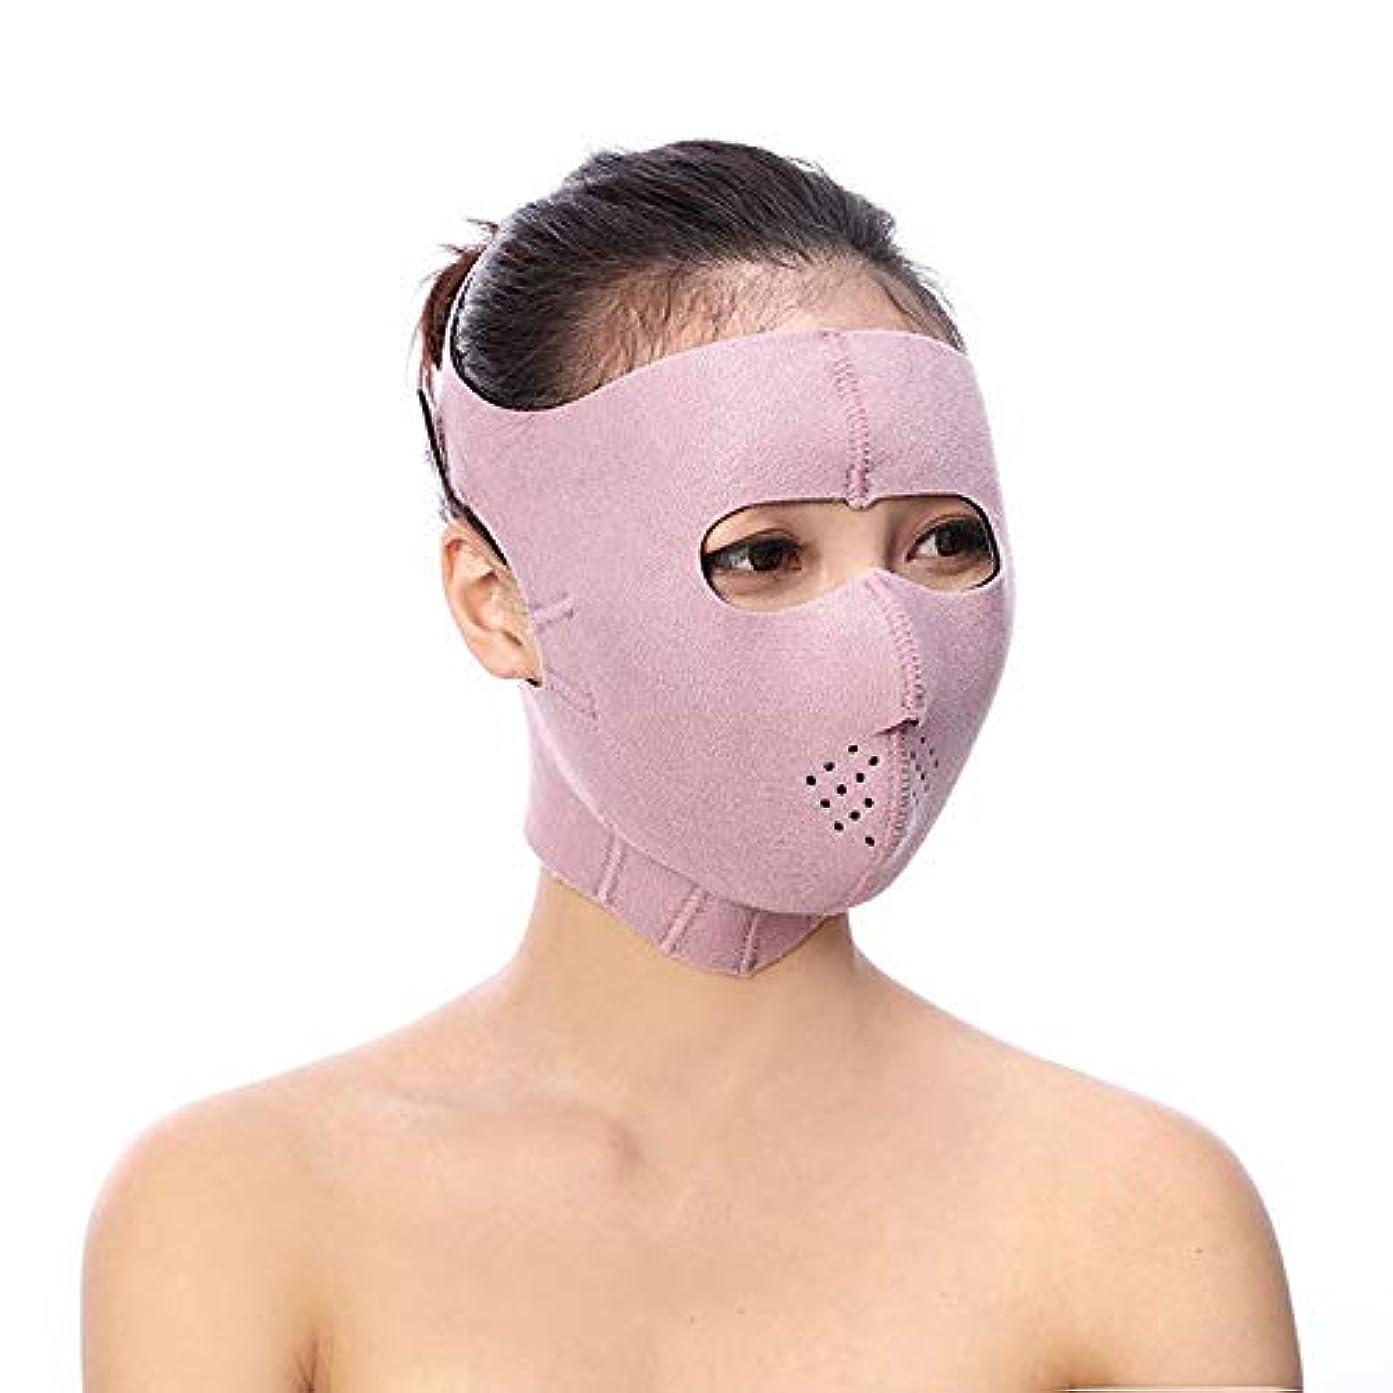 変換する余裕がある予算Minmin フェイシャルリフティング痩身ベルト - Vフェイス包帯マスクフェイシャルマッサージャー無料の薄いフェイス包帯整形マスクを引き締める顔と首の顔スリム みんみんVラインフェイスマスク